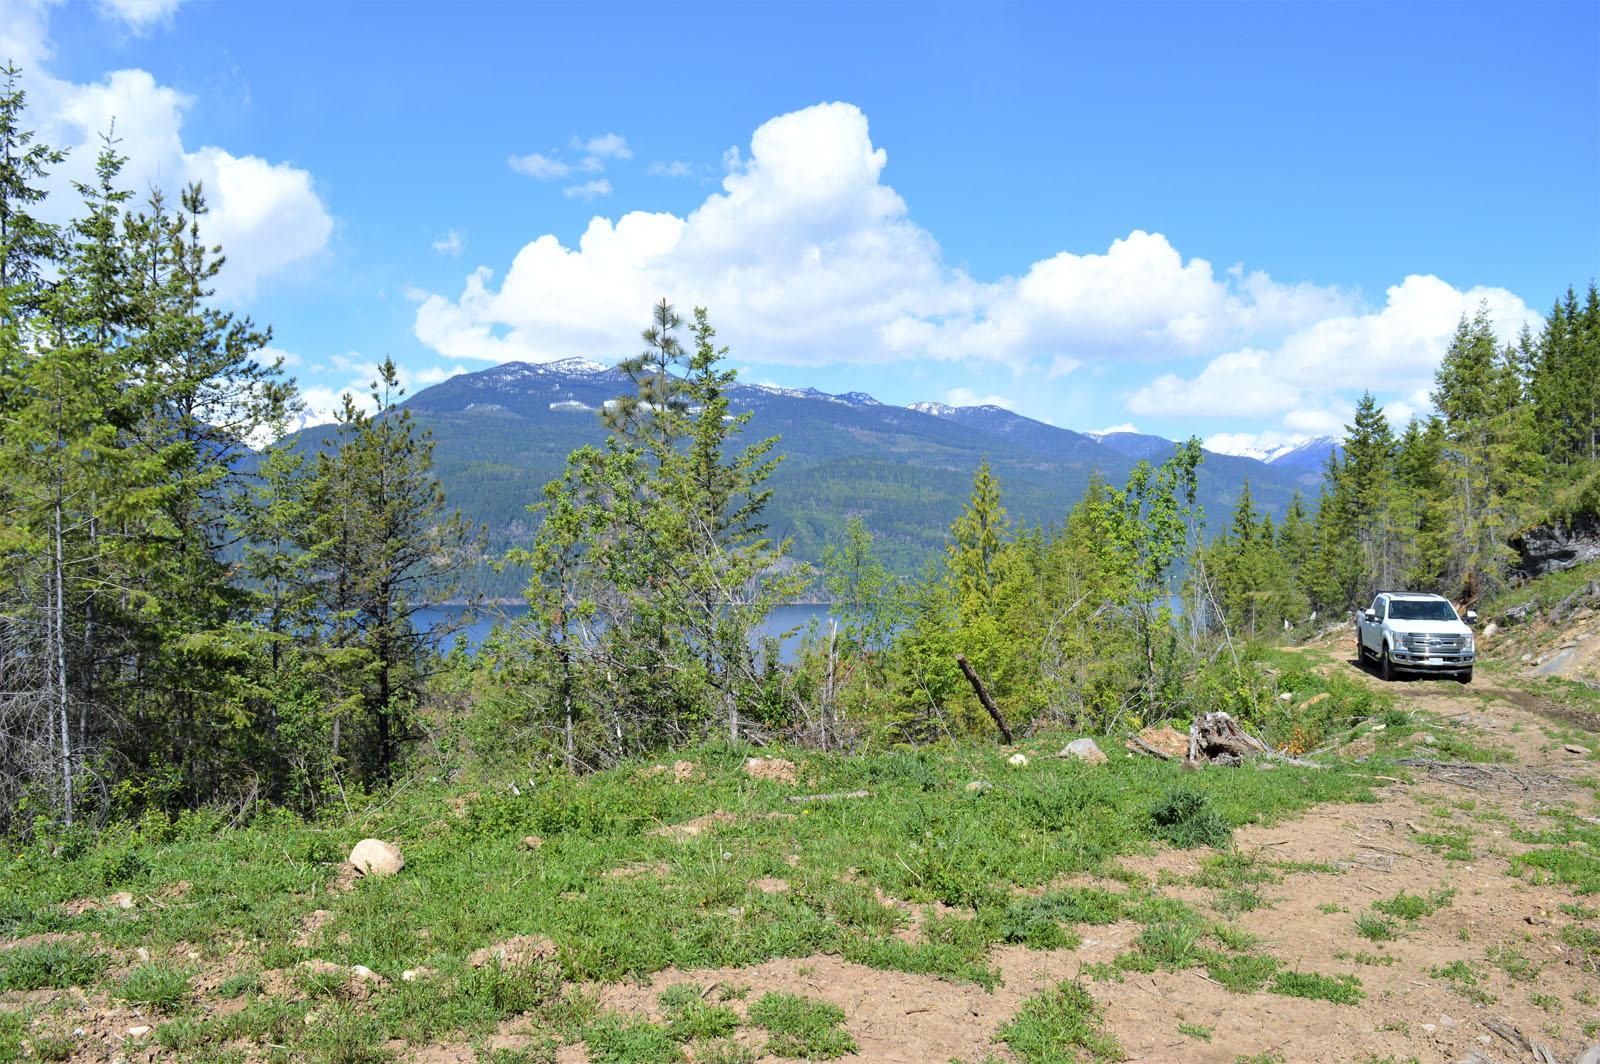 Kootenay lake 13